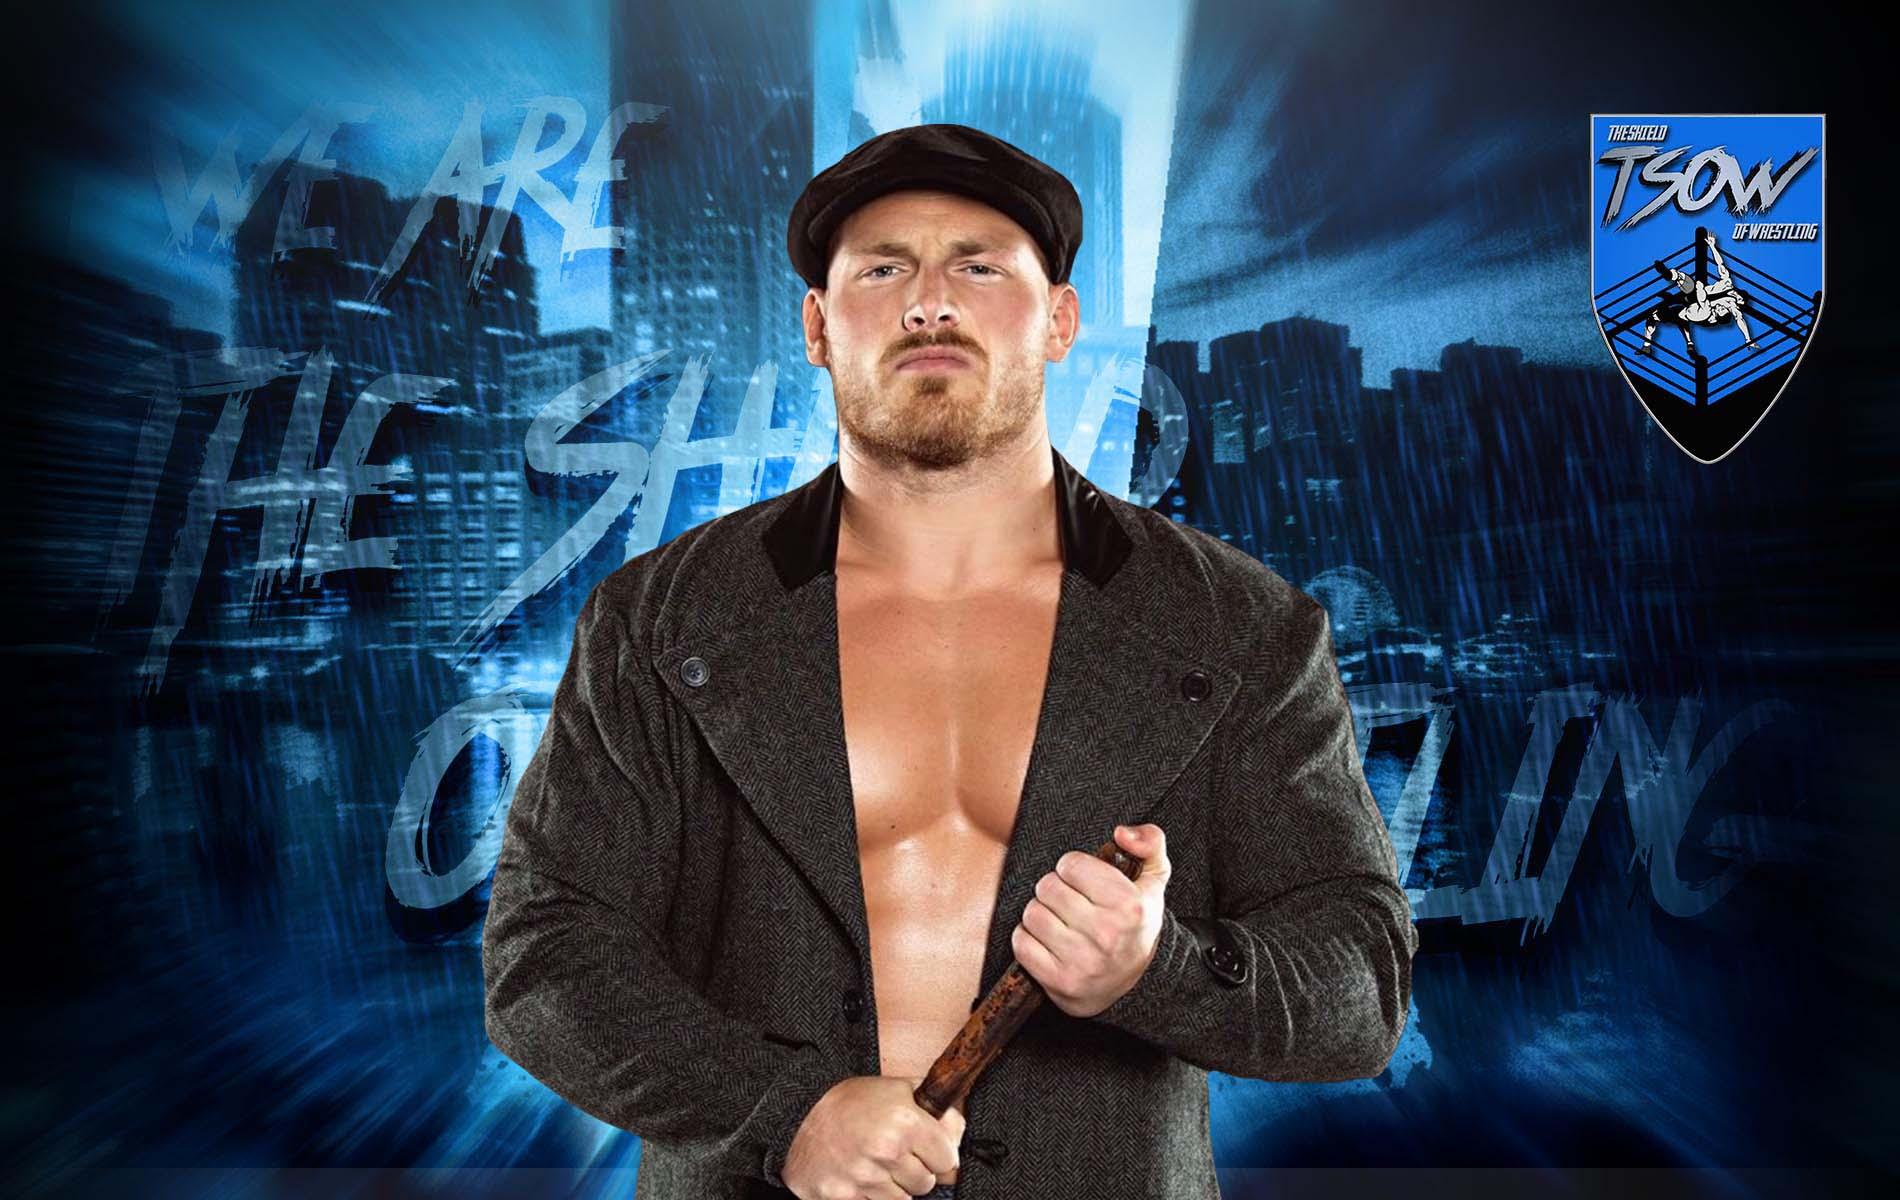 Ridge Holland portato via in barella: grave infortunio durante NXT